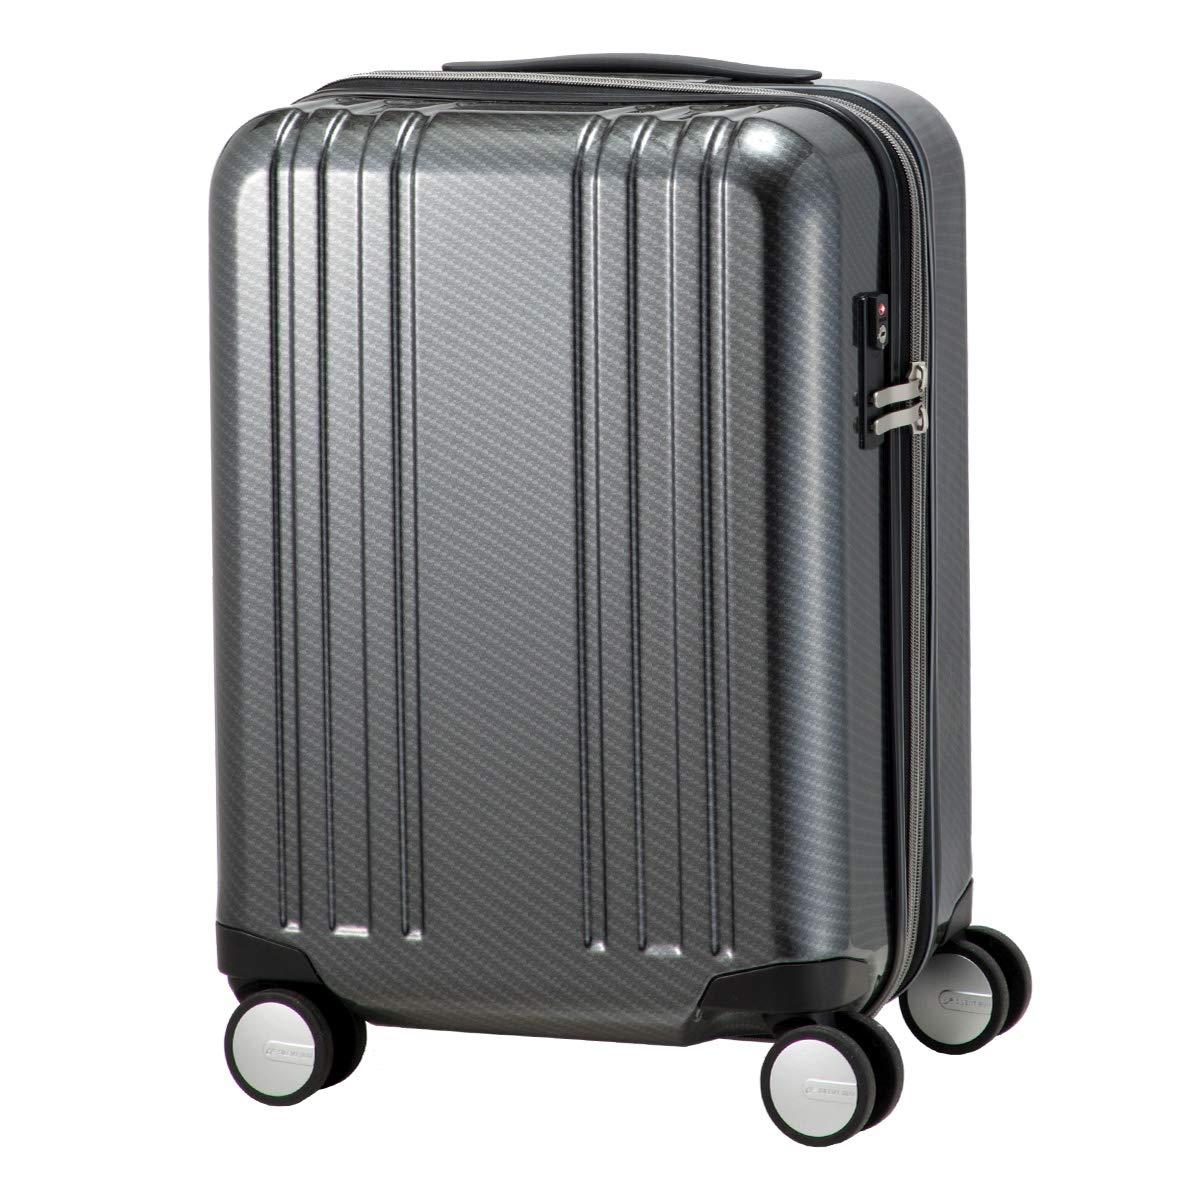 [プラスワン] スーツケース アルファスカイ 機内持込可 45L 48cm 3.3kg 9911-48EX  BLACK-CARBON B07RG4CYY2